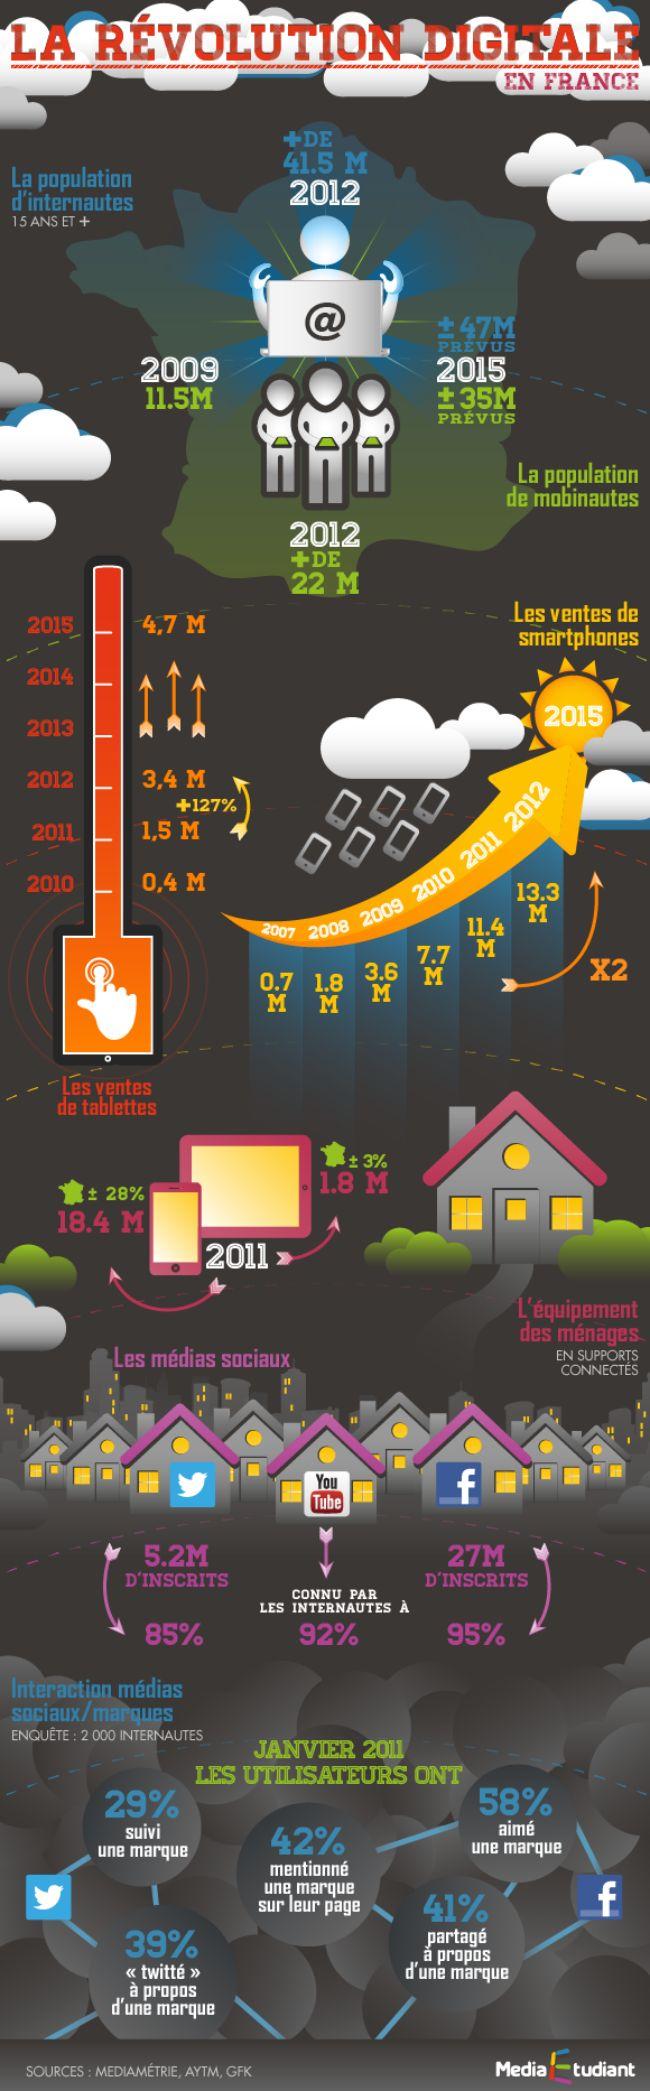 L'explosion du digital en France